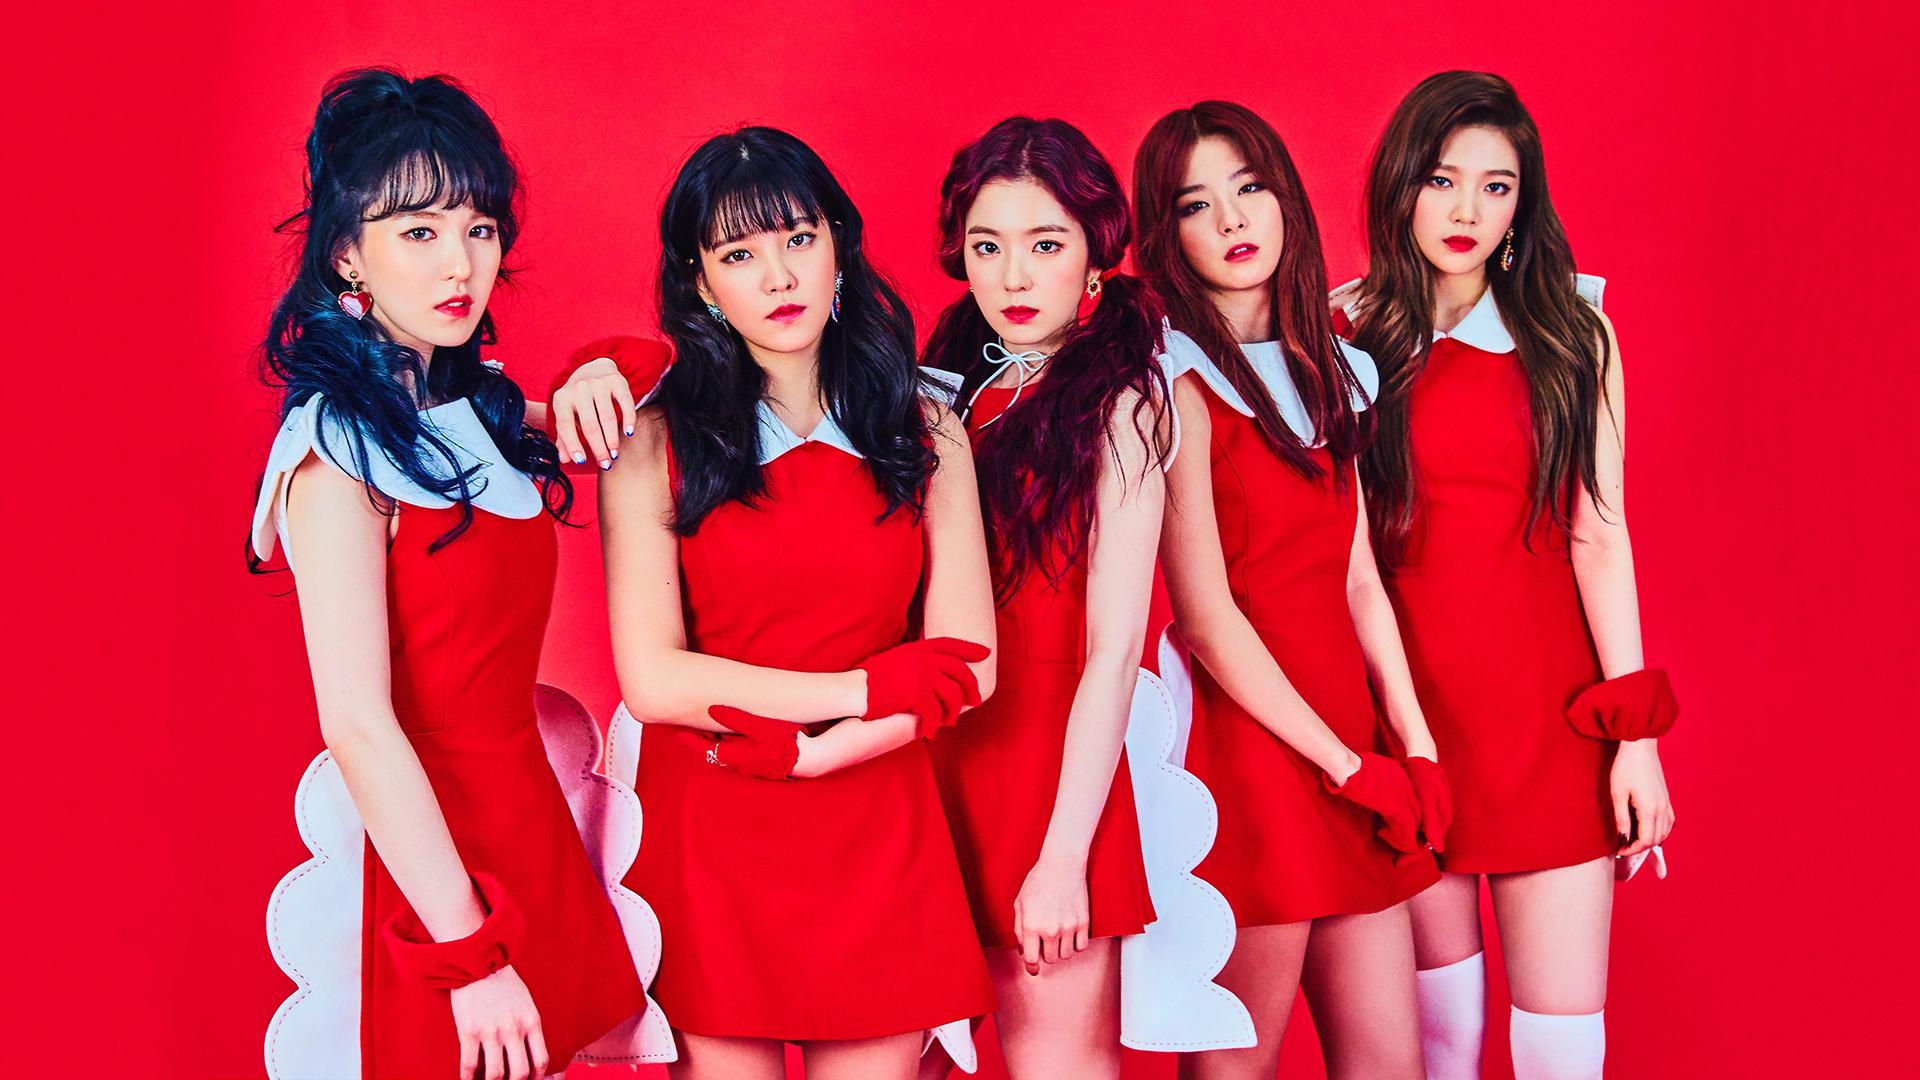 Red Velvet K Pop Wallpaper Hd Music 4k Wallpapers Images